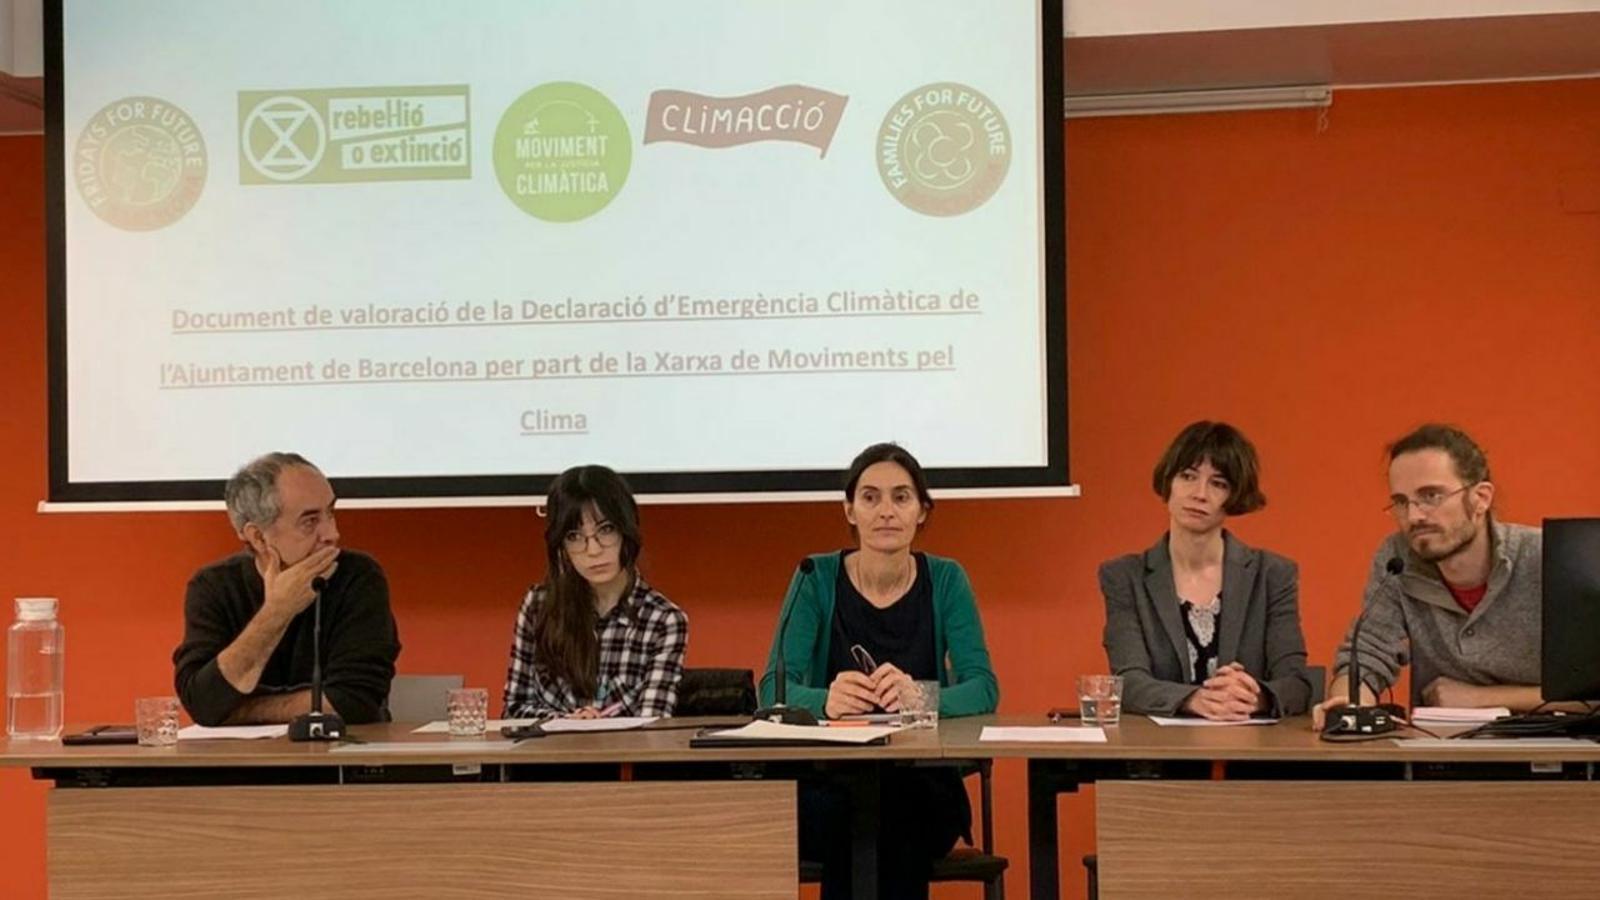 Les entitats ecologistes volen accions concretes per reduir les emissions de CO2 a Barcelona ja aquest mandat